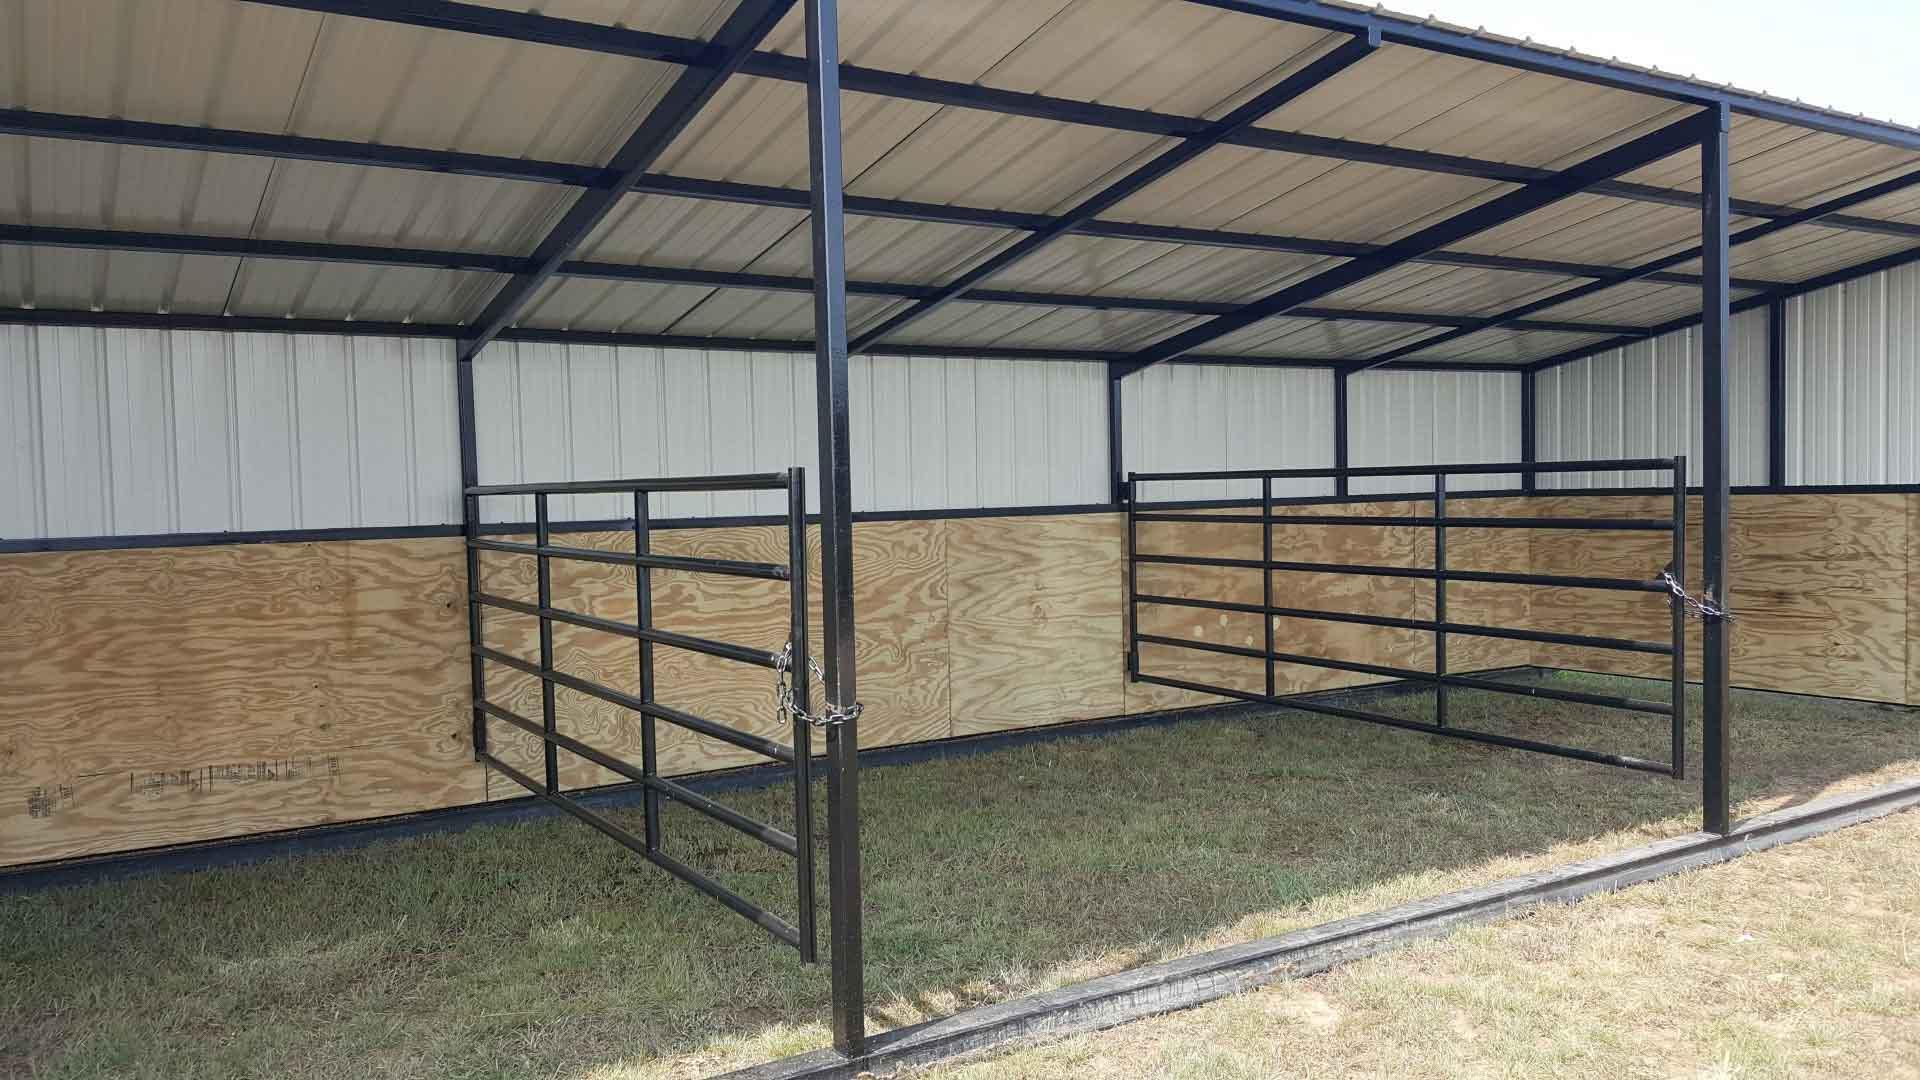 Sturdi-Bilt | Steel-Framed Livestock Shelter